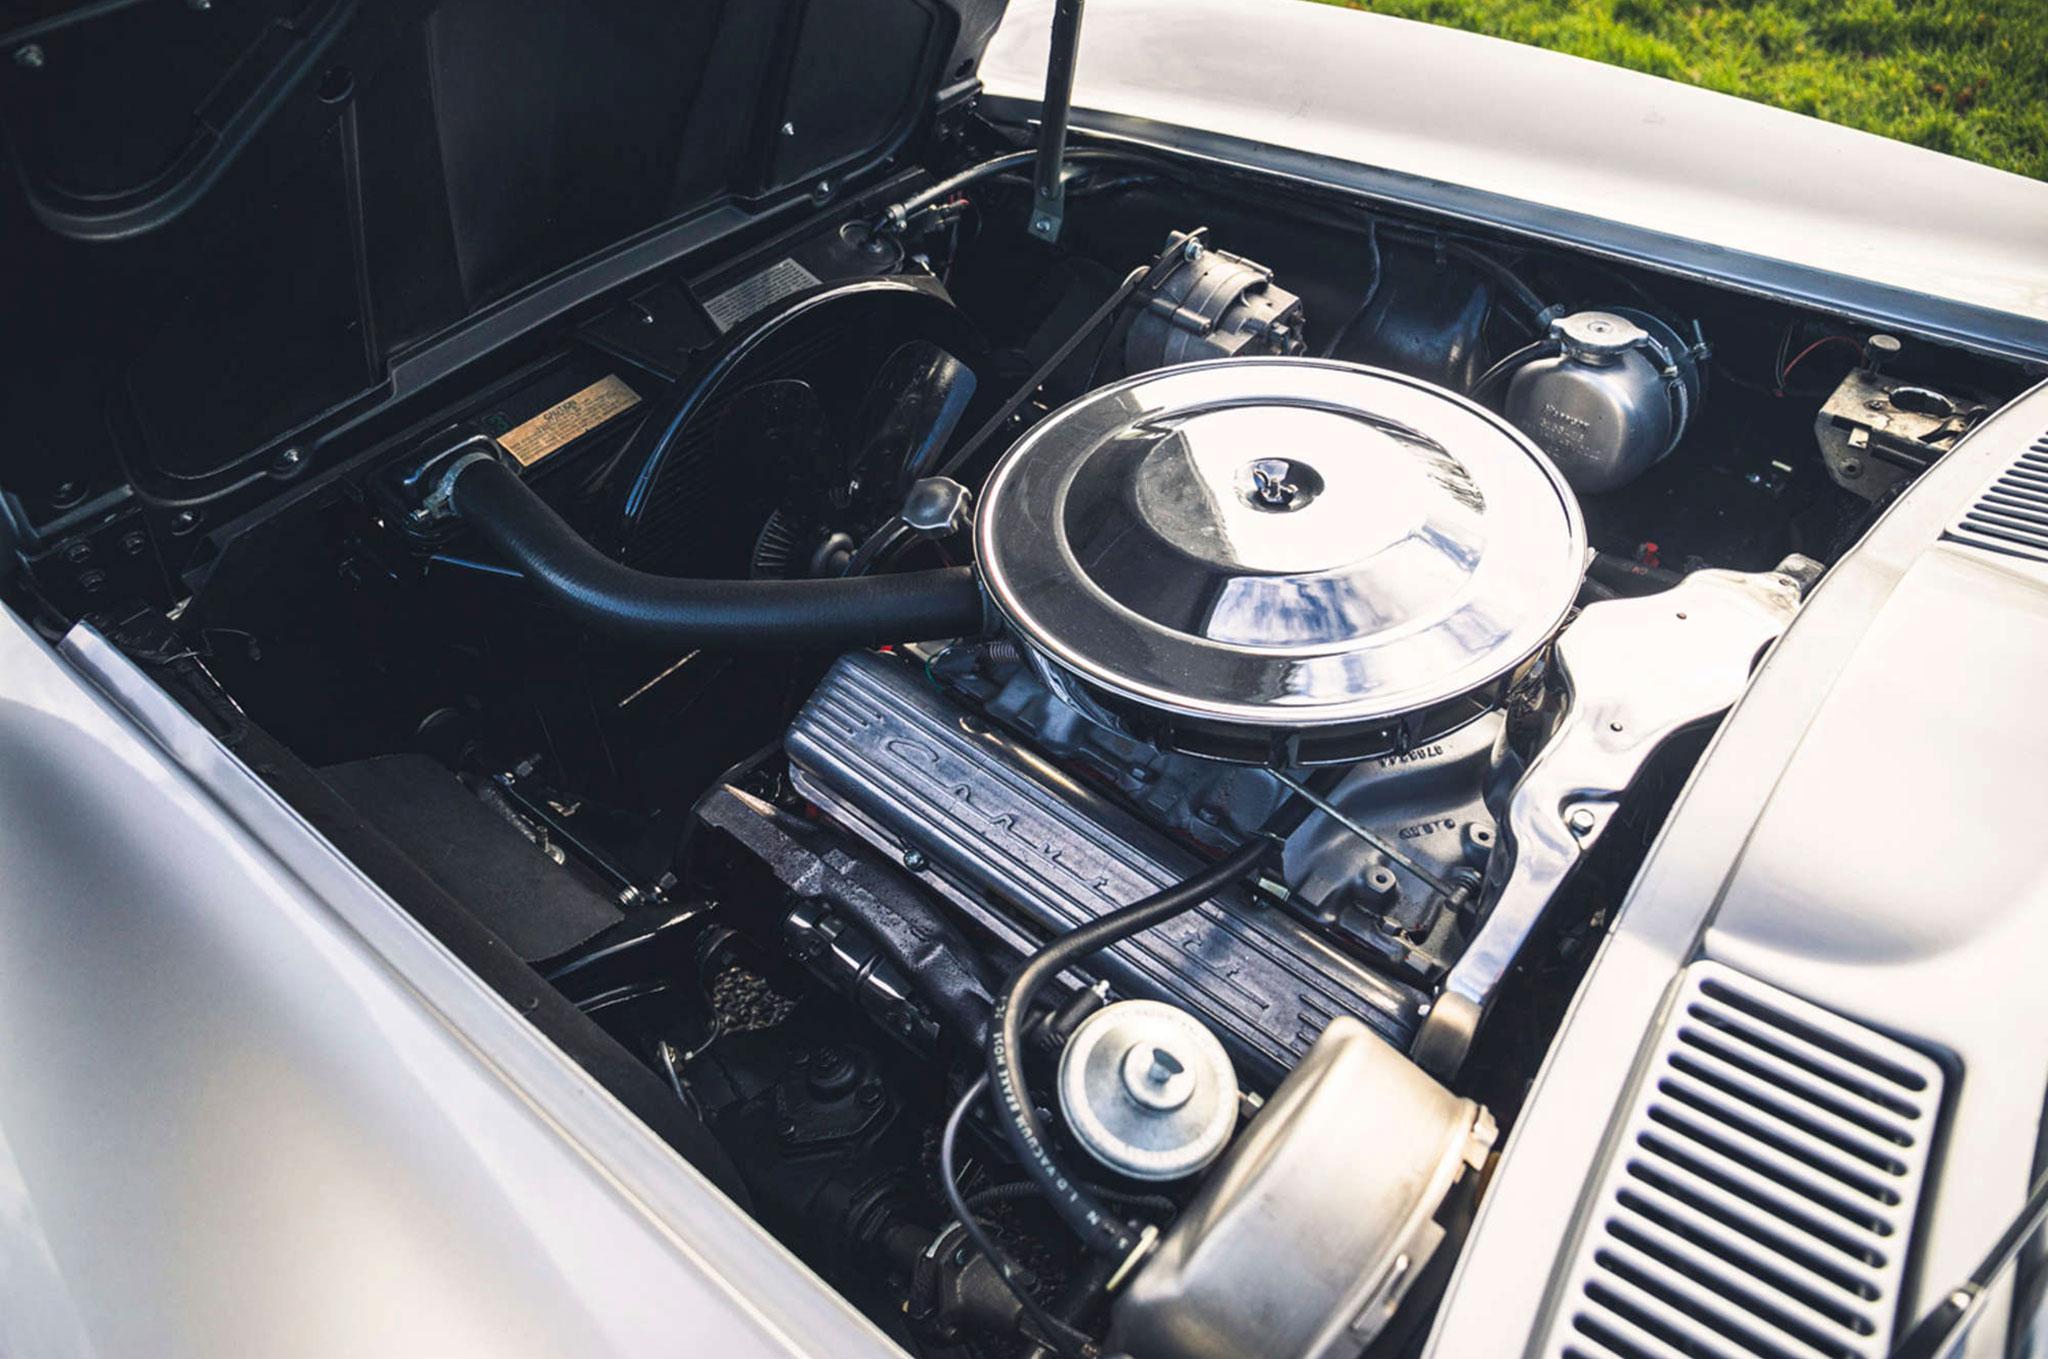 1963 Chevrolet Corvette C2 Split-Window vue du moteur côté gauche 327ci